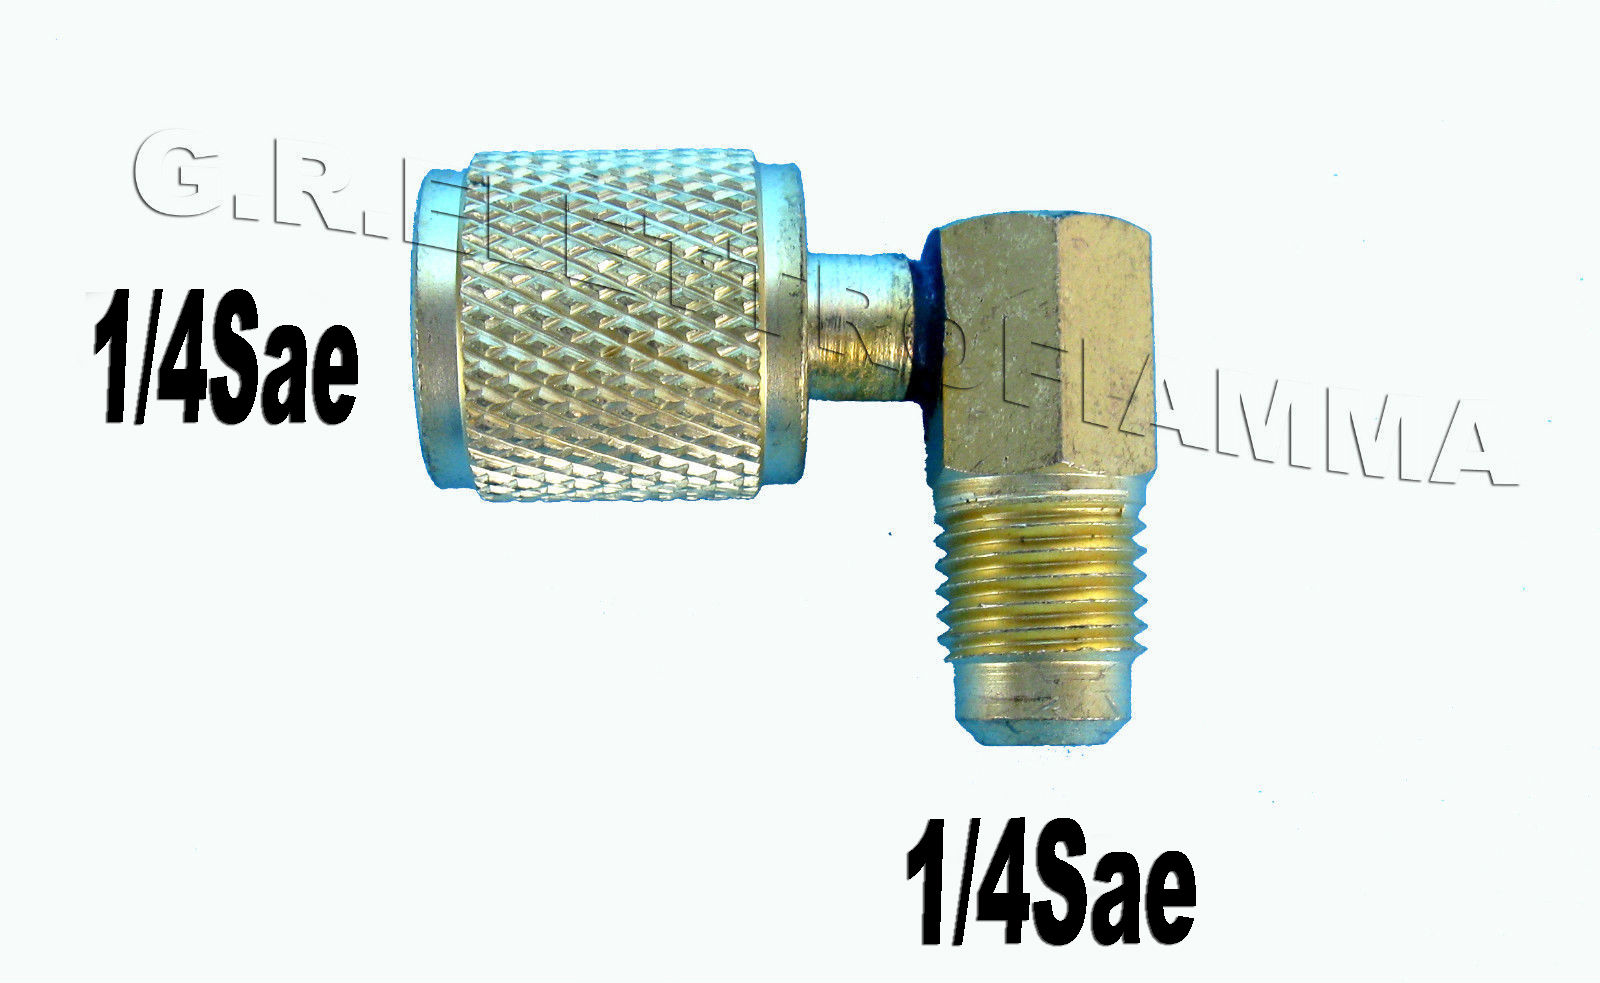 5//16 M sae gas R410A R22 R407 R134A RACCORDO DRITTO PREMI SPILLO RIDUZ 1//4 F